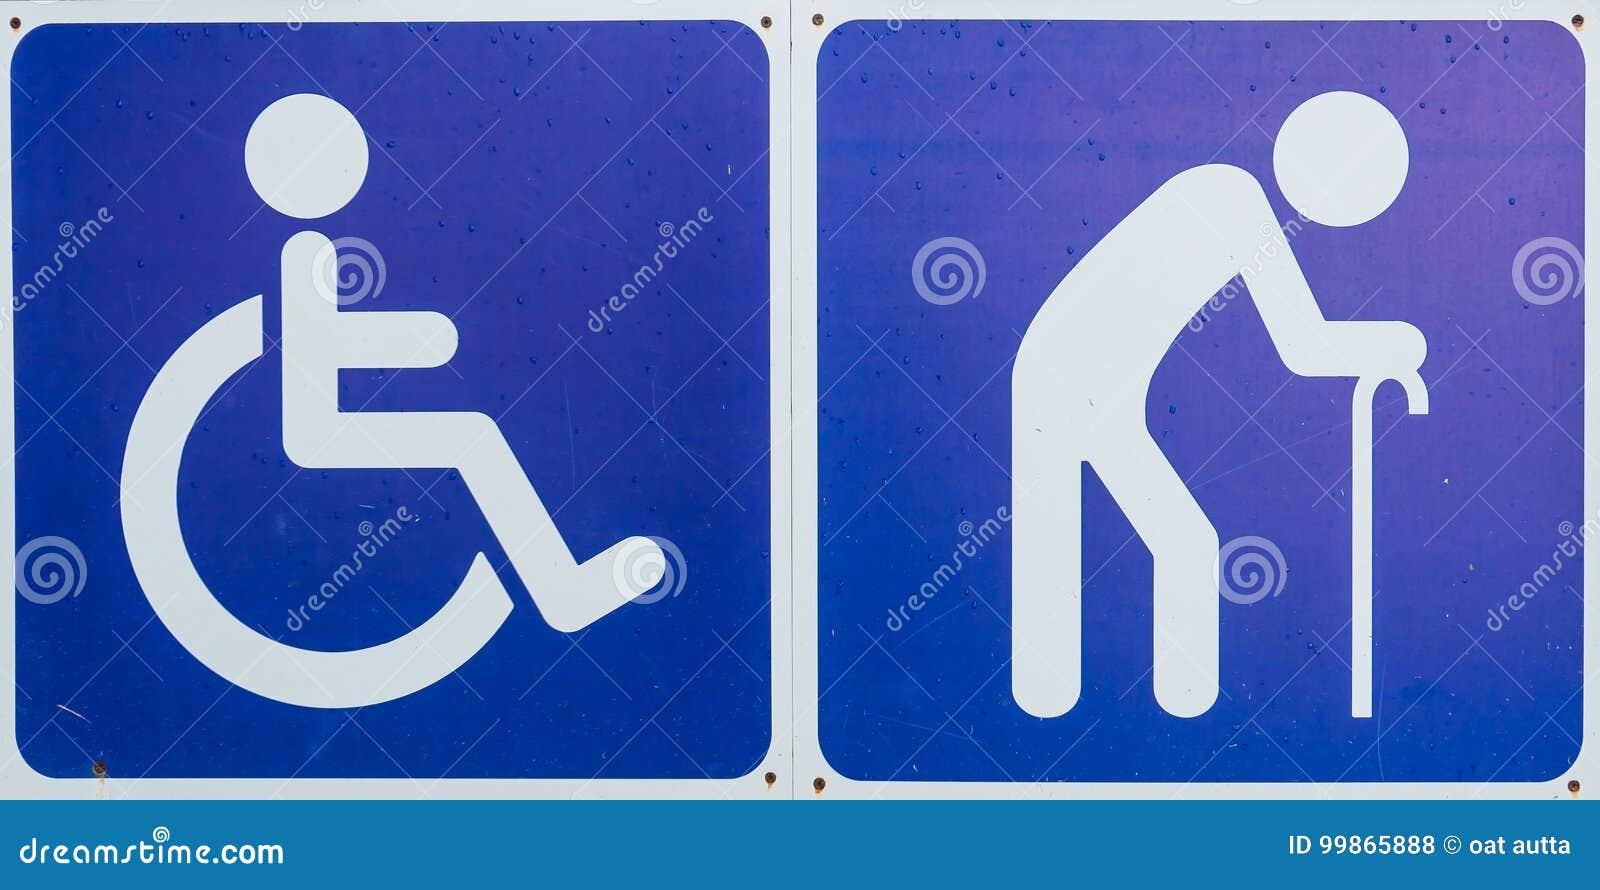 Blue Handicap symbol ,Disabled sign and Elder sign